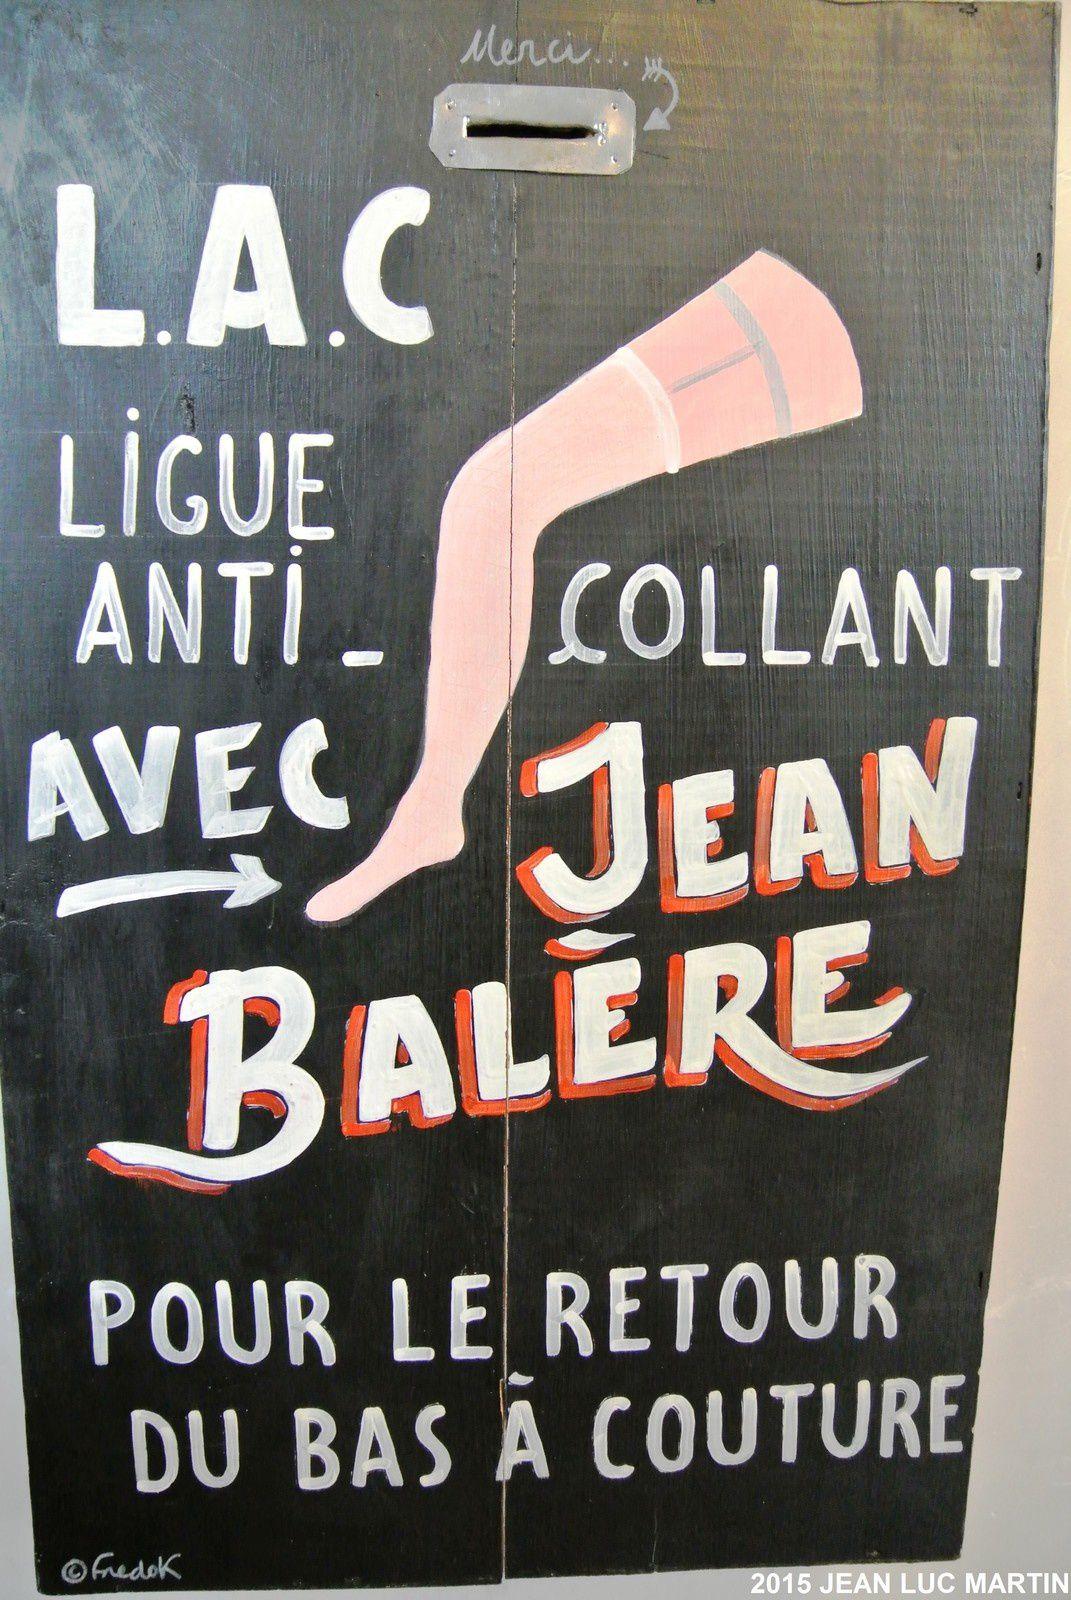 LIGUE ANTI COLLANTS: JEAN BALERE